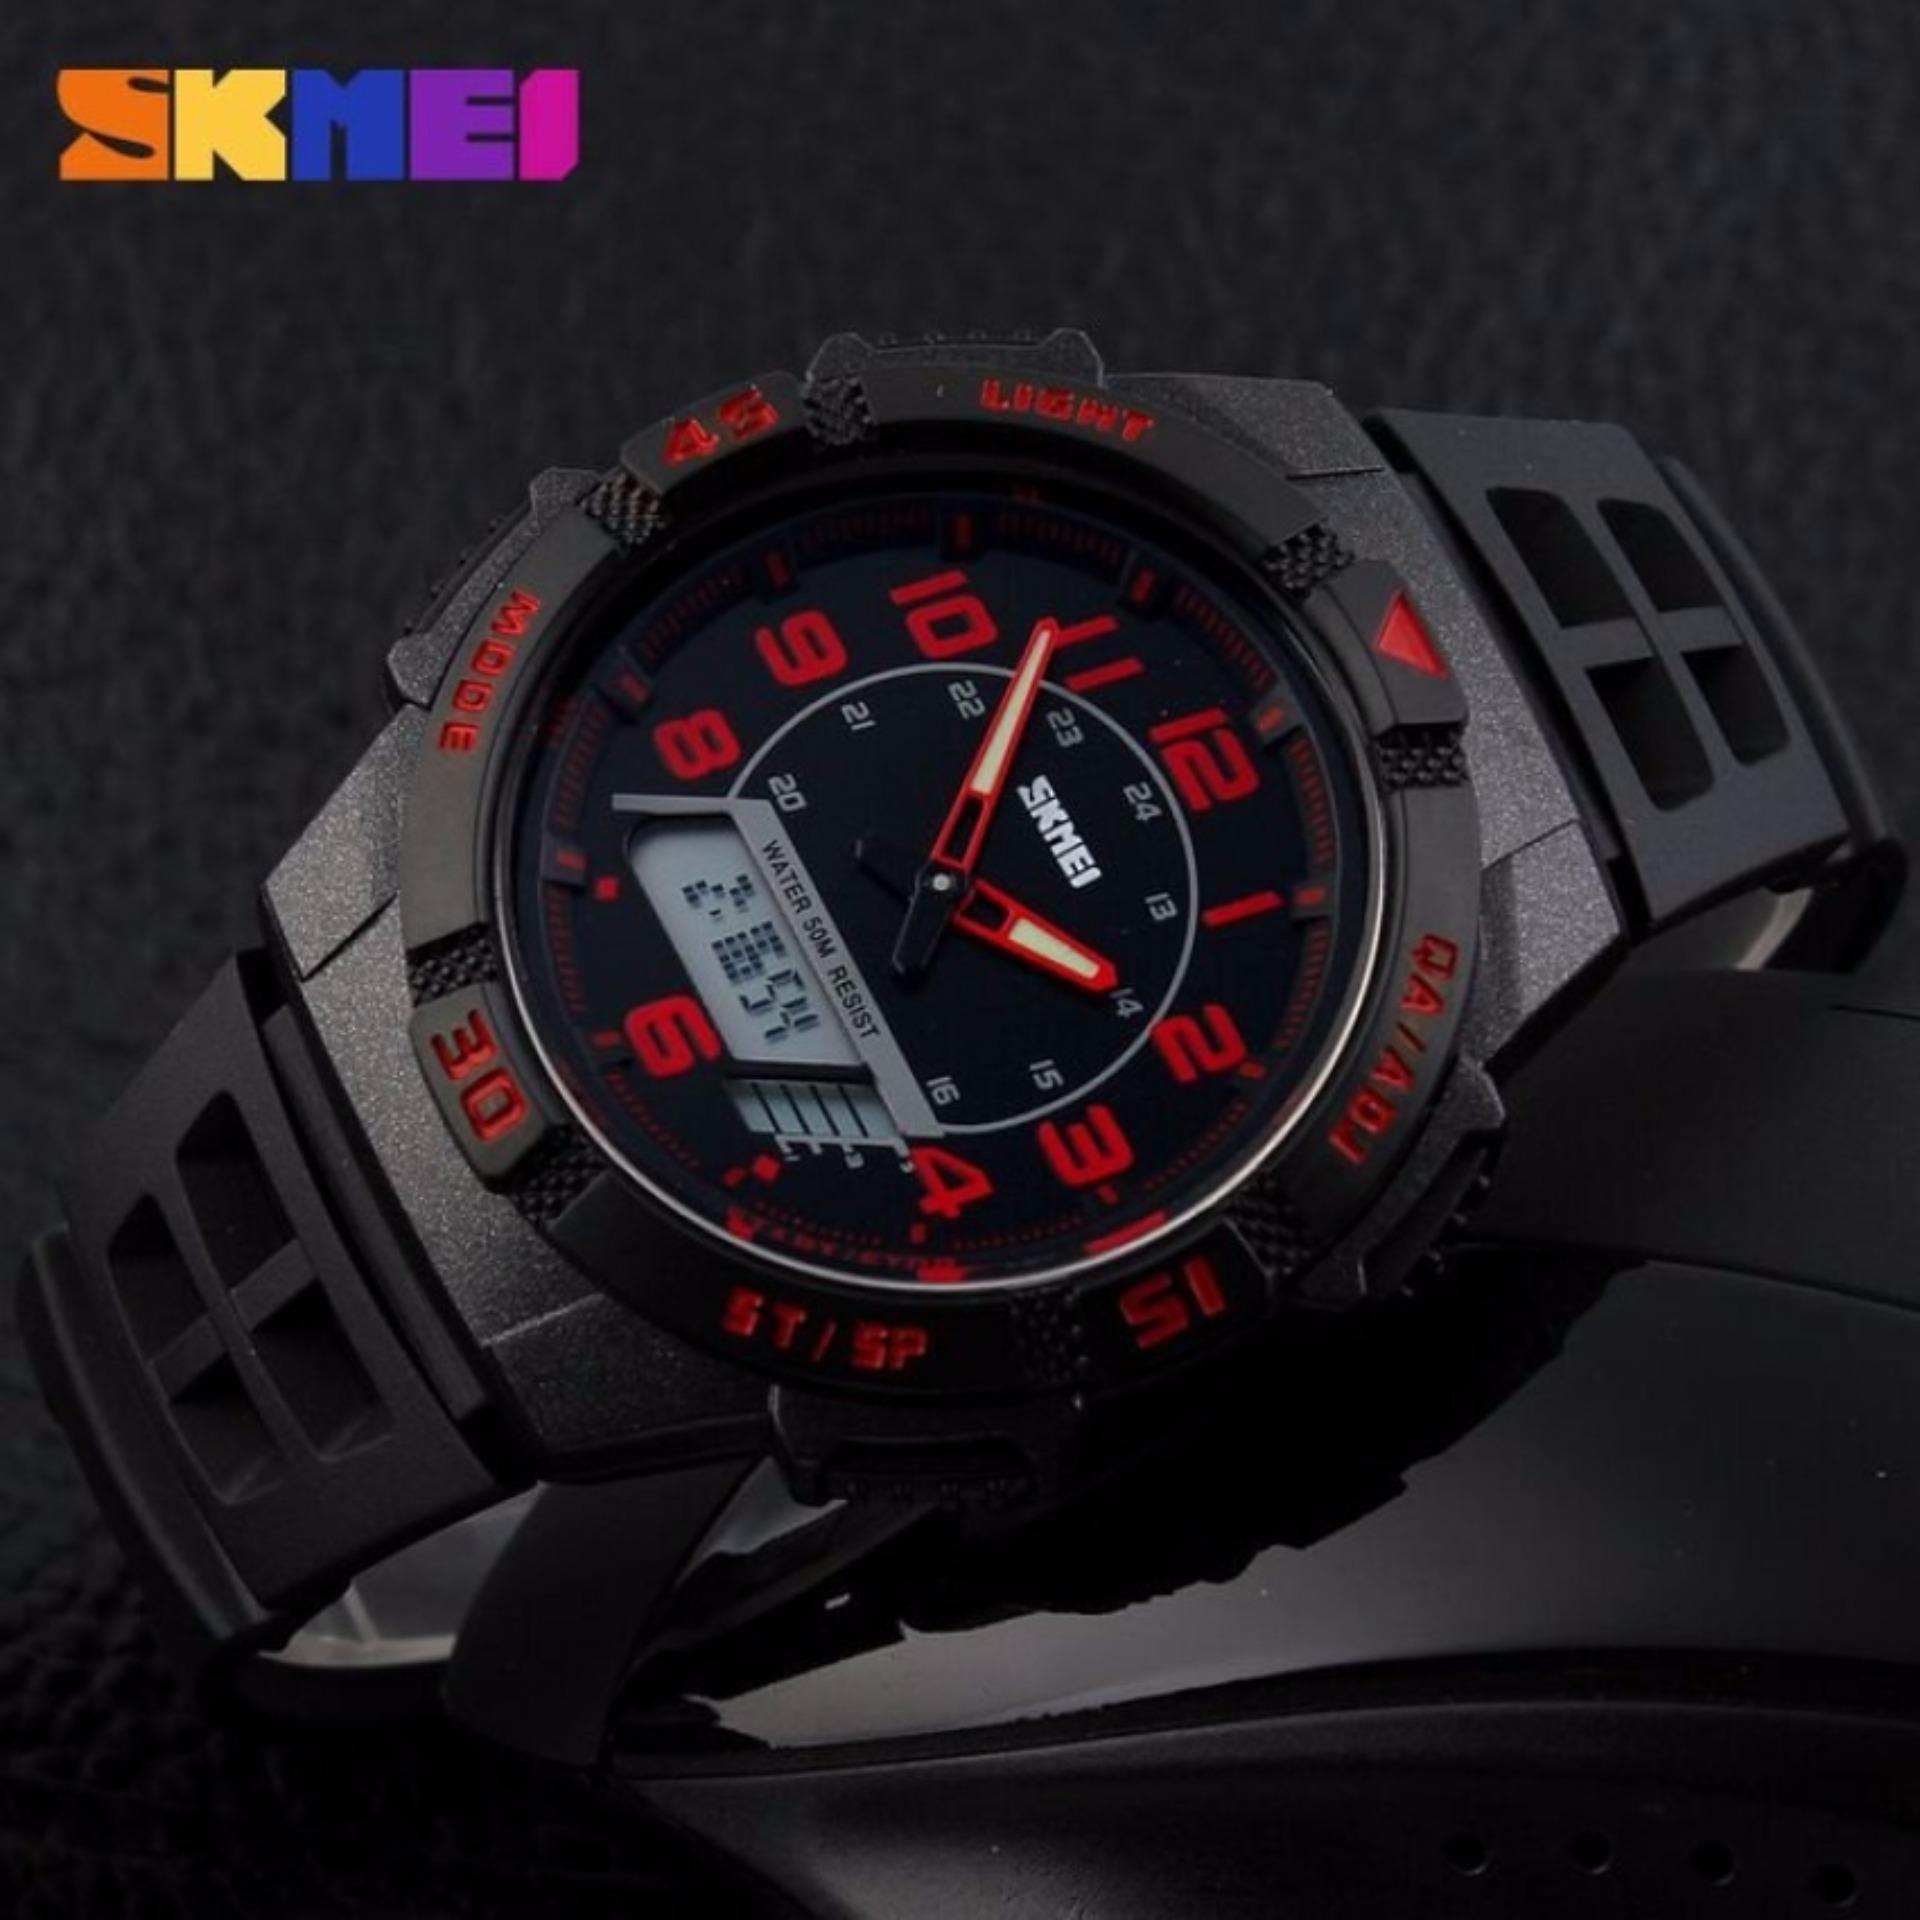 Skmei S Shock Digital Sport Watch Water Resistant 50m Jam Tangan Dg1025 Dual Time Men Led Anti Air Wr Ad1065